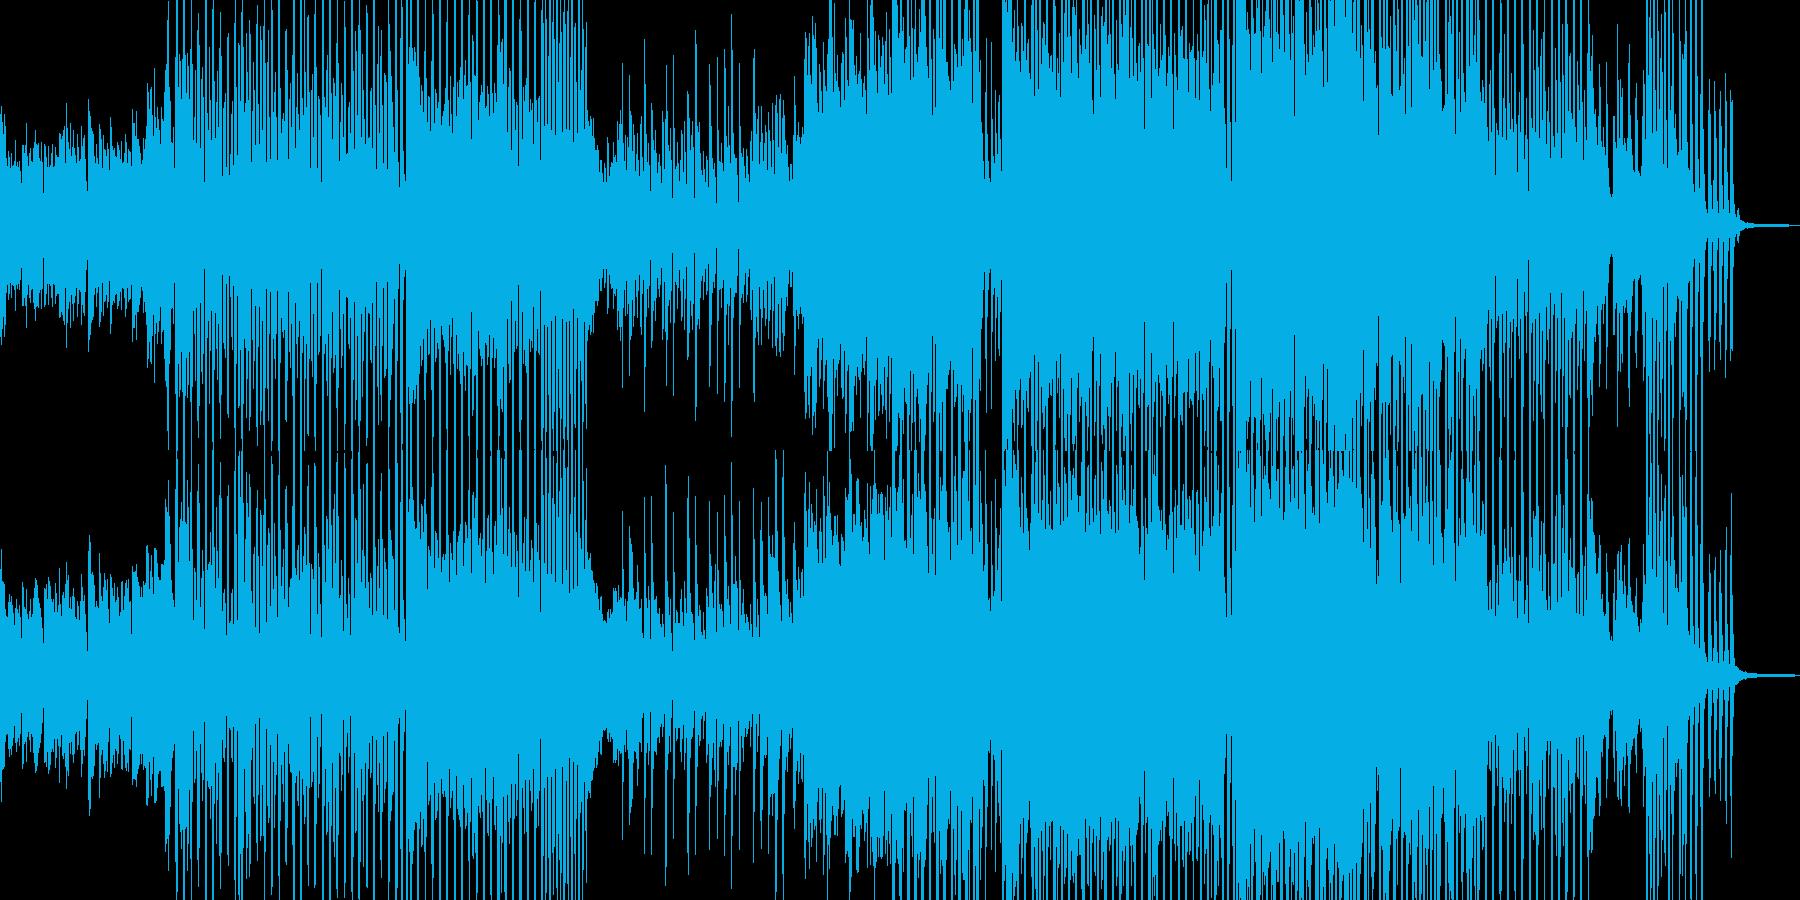 前向きに歩き出すテクノポップ 短尺の再生済みの波形